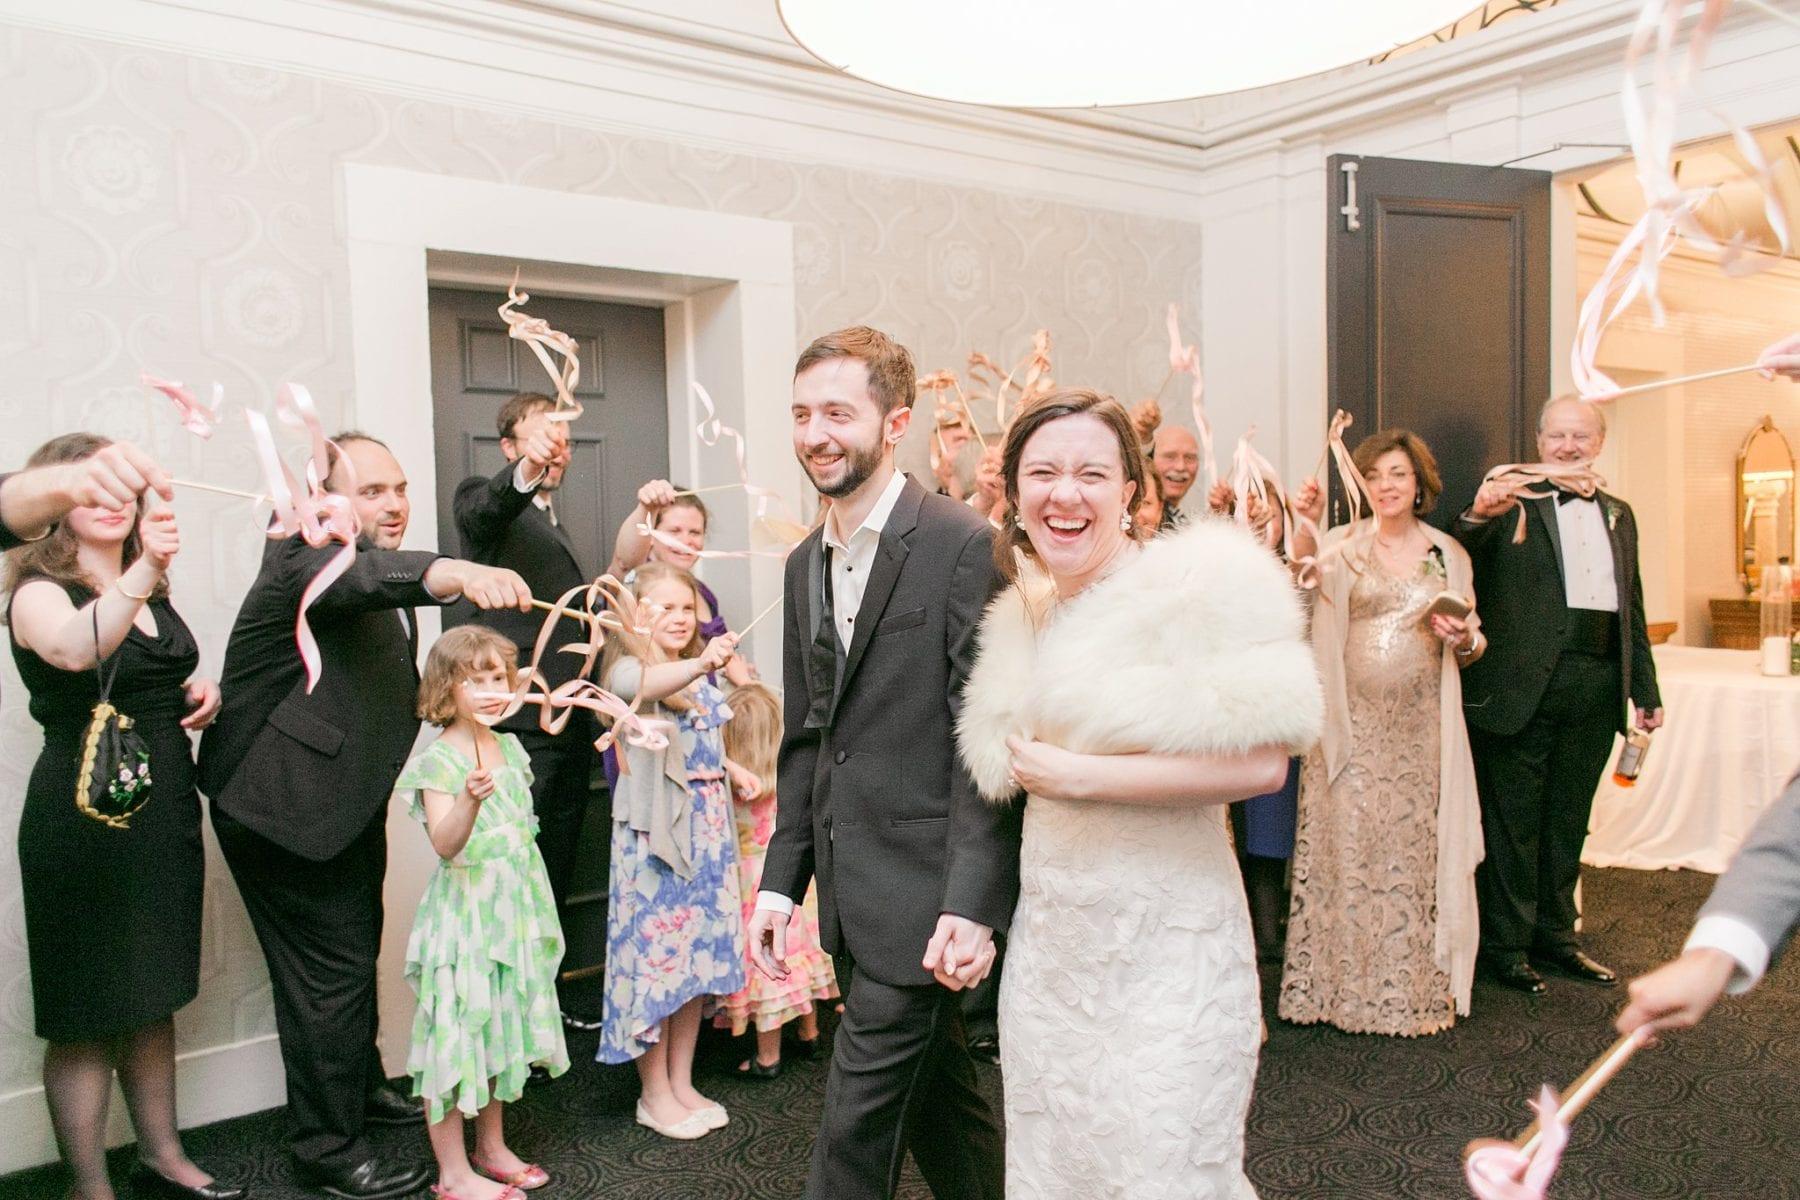 Hotel Monaco Washington DC Wedding Photos Megan Kelsey Photography Erin & Mike -318